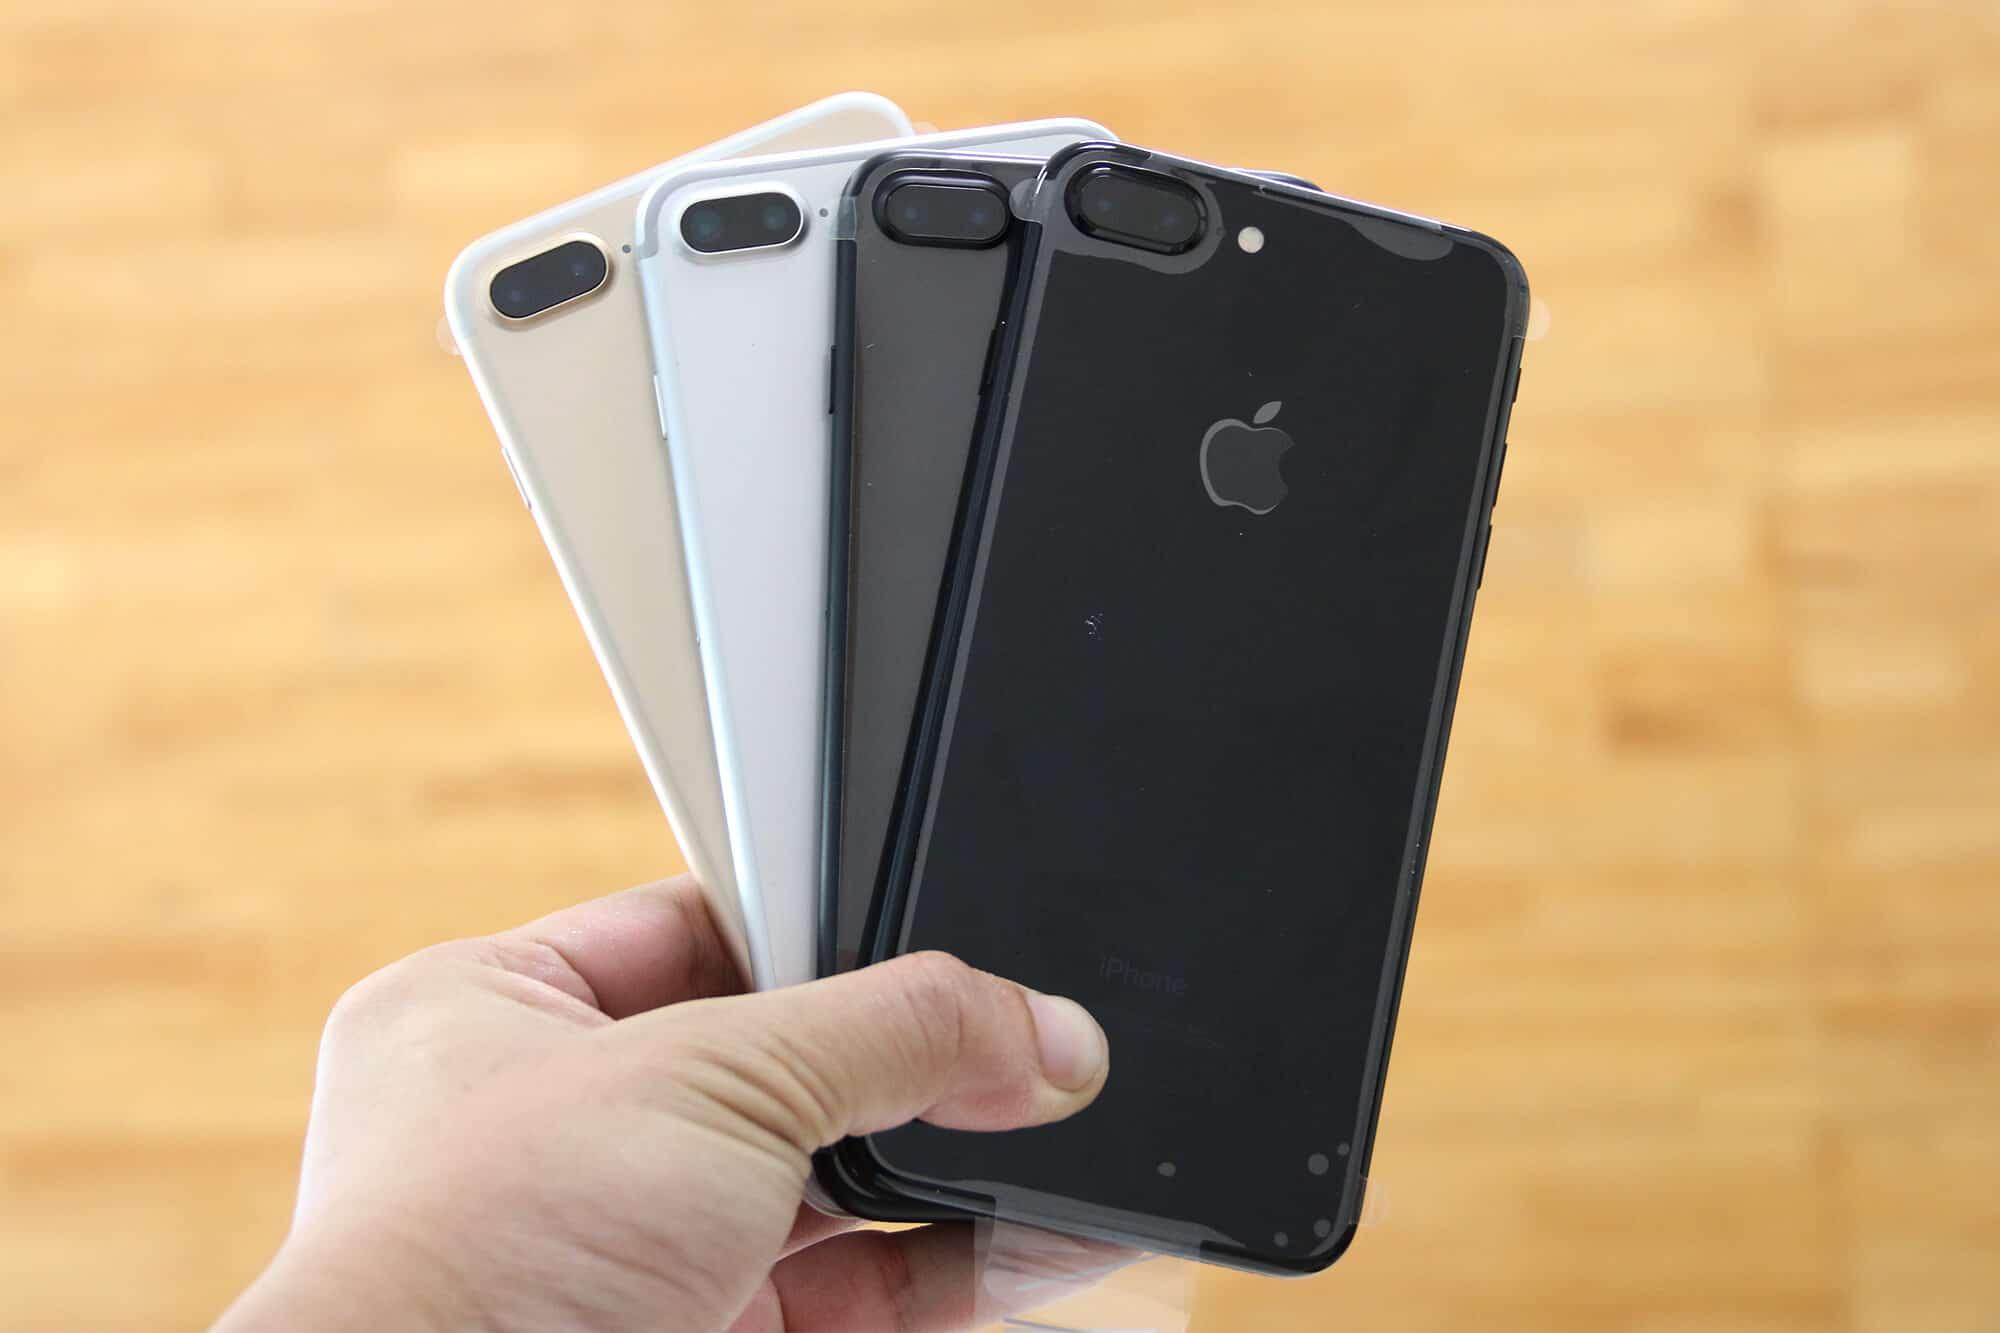 Cách nhận biết và phân biệt iPhone Trả Bảo Hành? kiểm tra iphone trả bảo hành